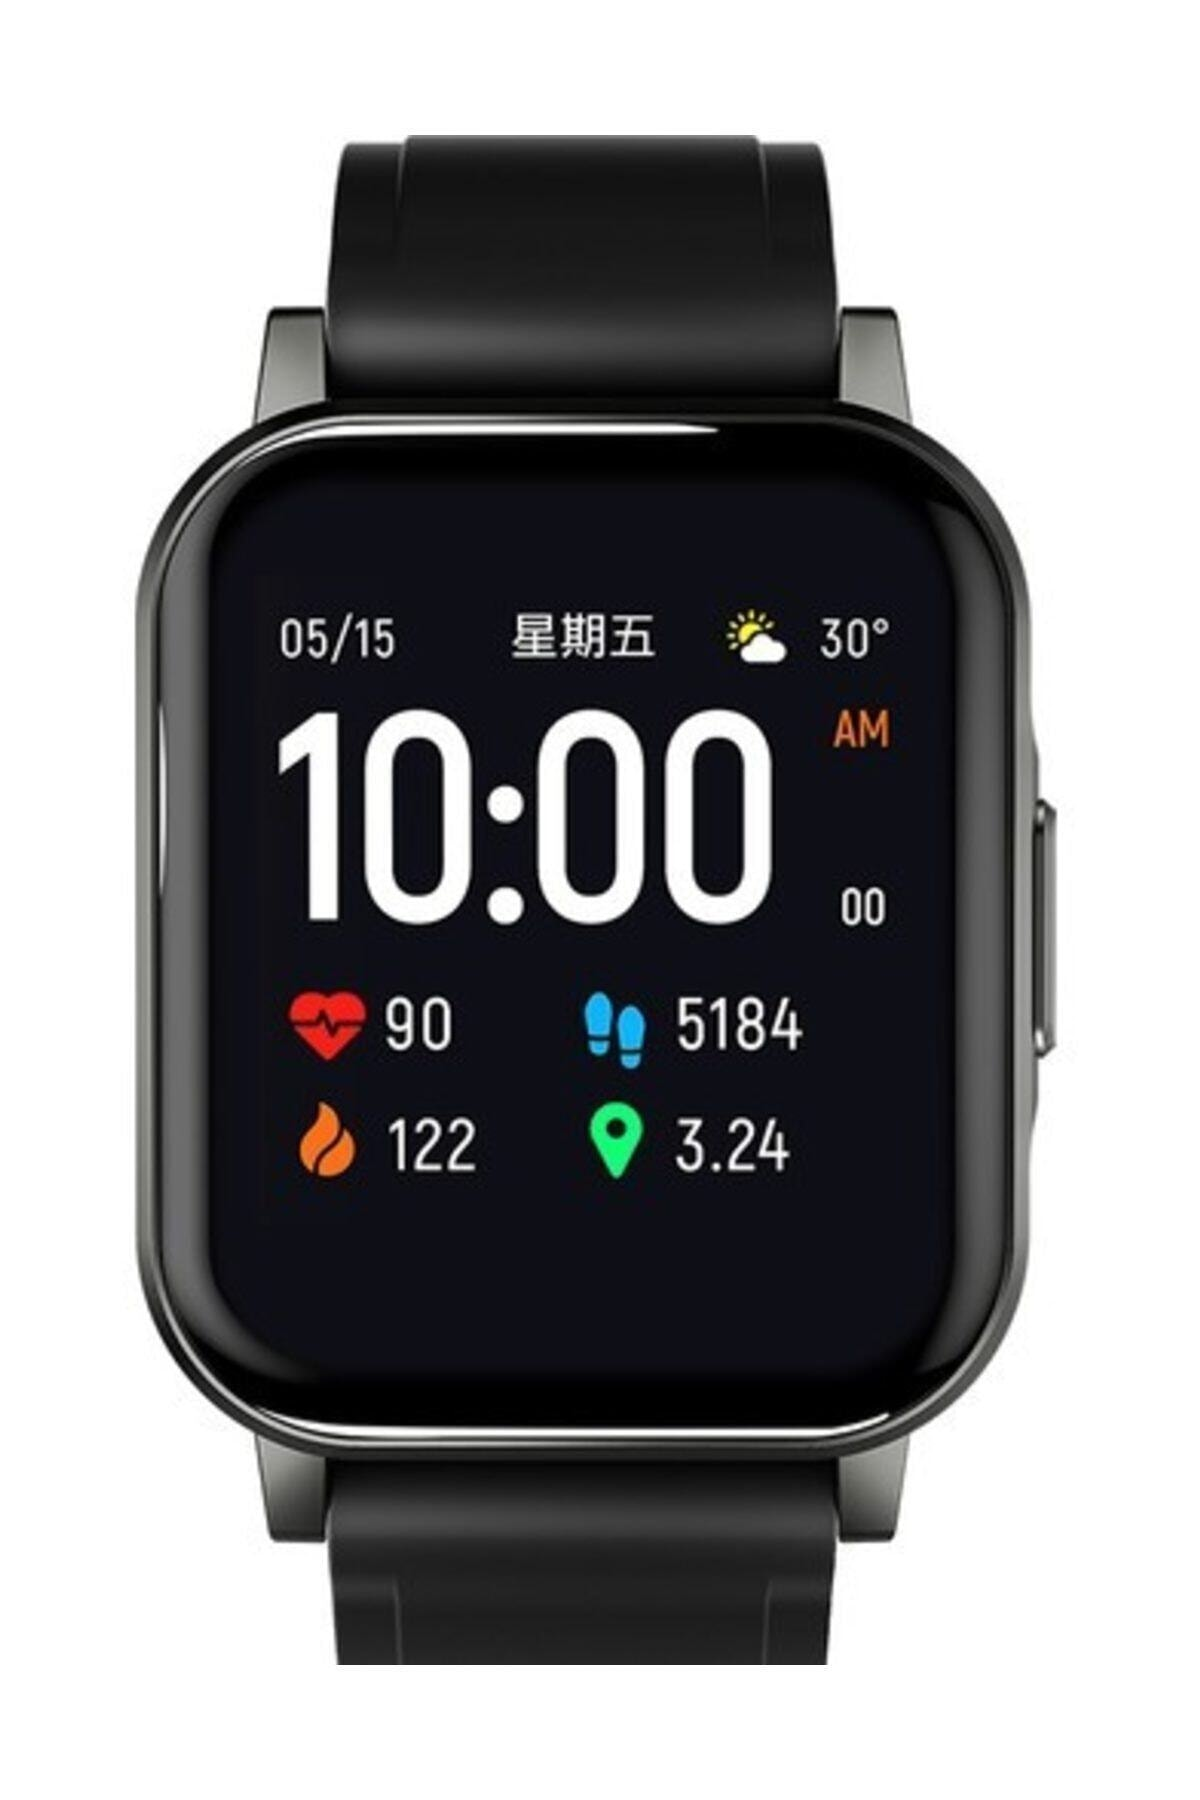 Haylou Ls02 Akıllı Saat, Ios Ve Android Uyumlu, Siyah 2